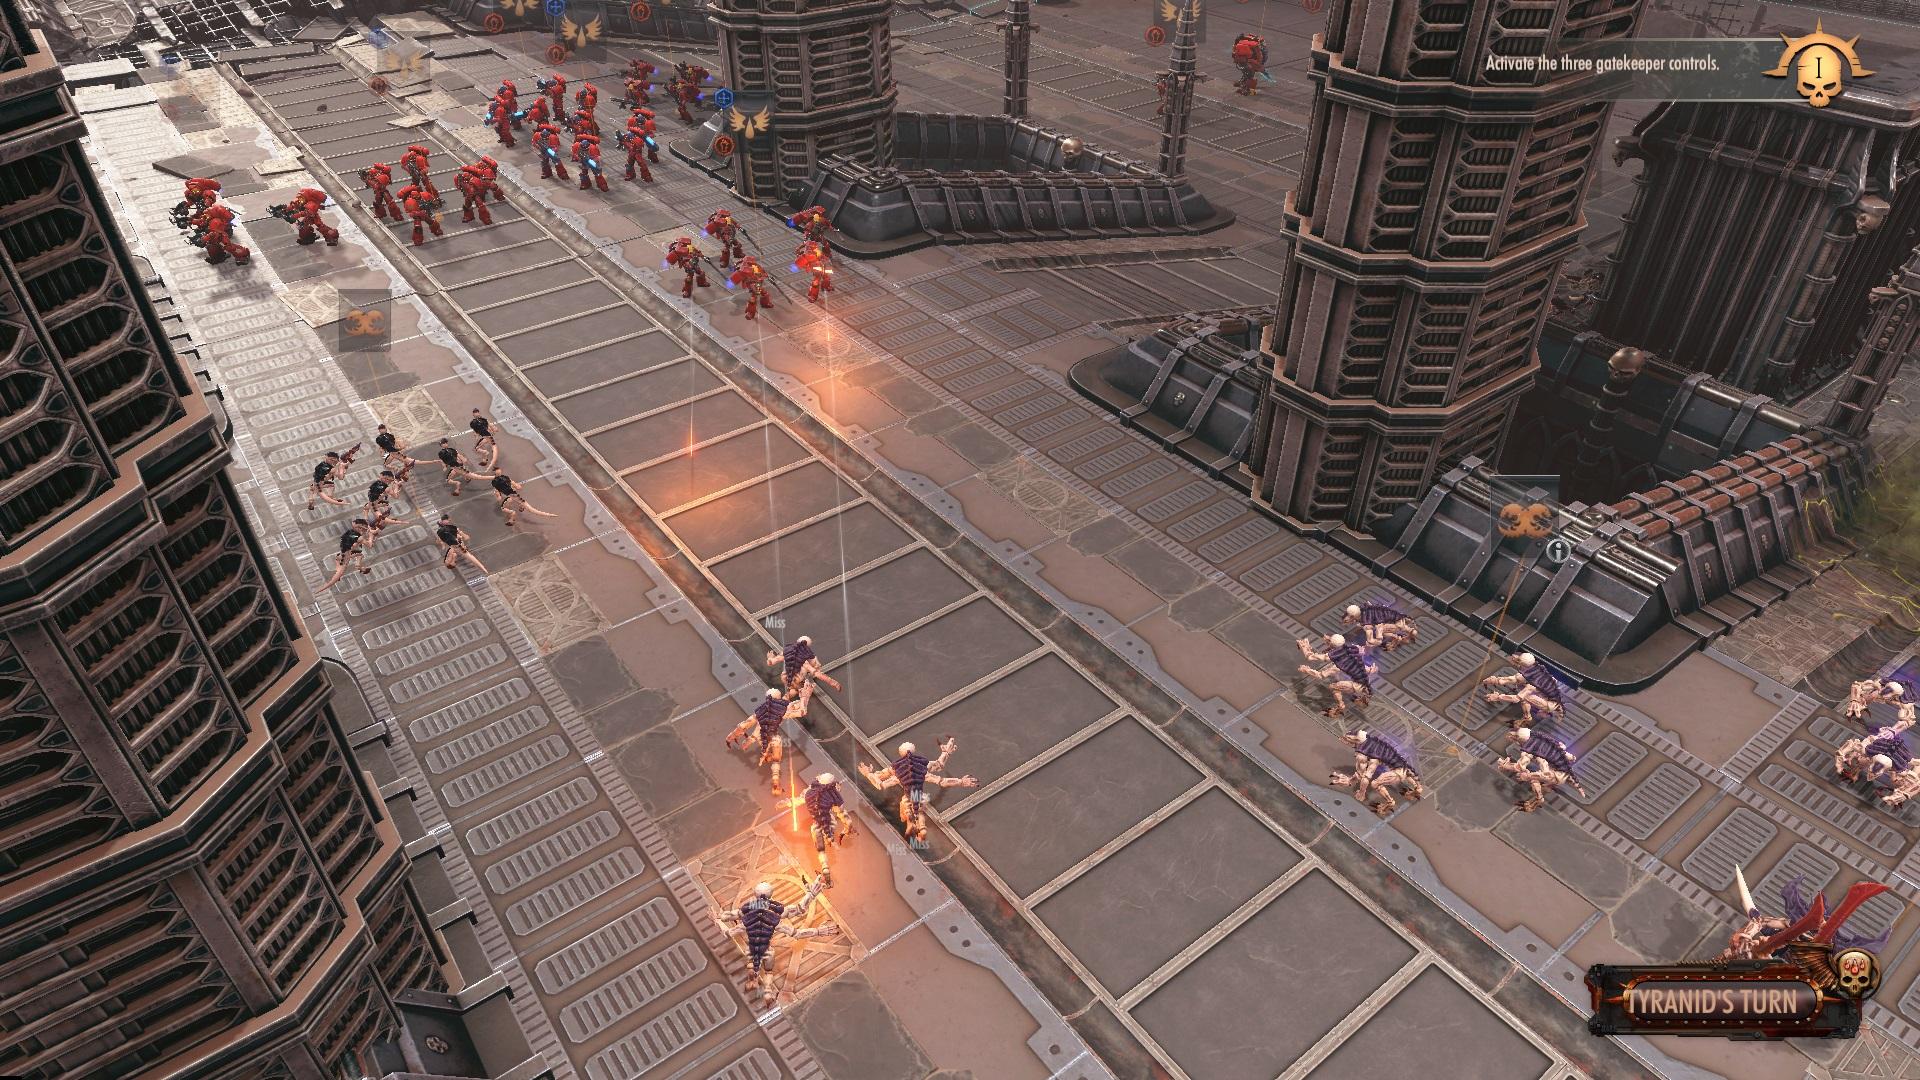 Warhammer 40,000: Battlesector - Tyranids